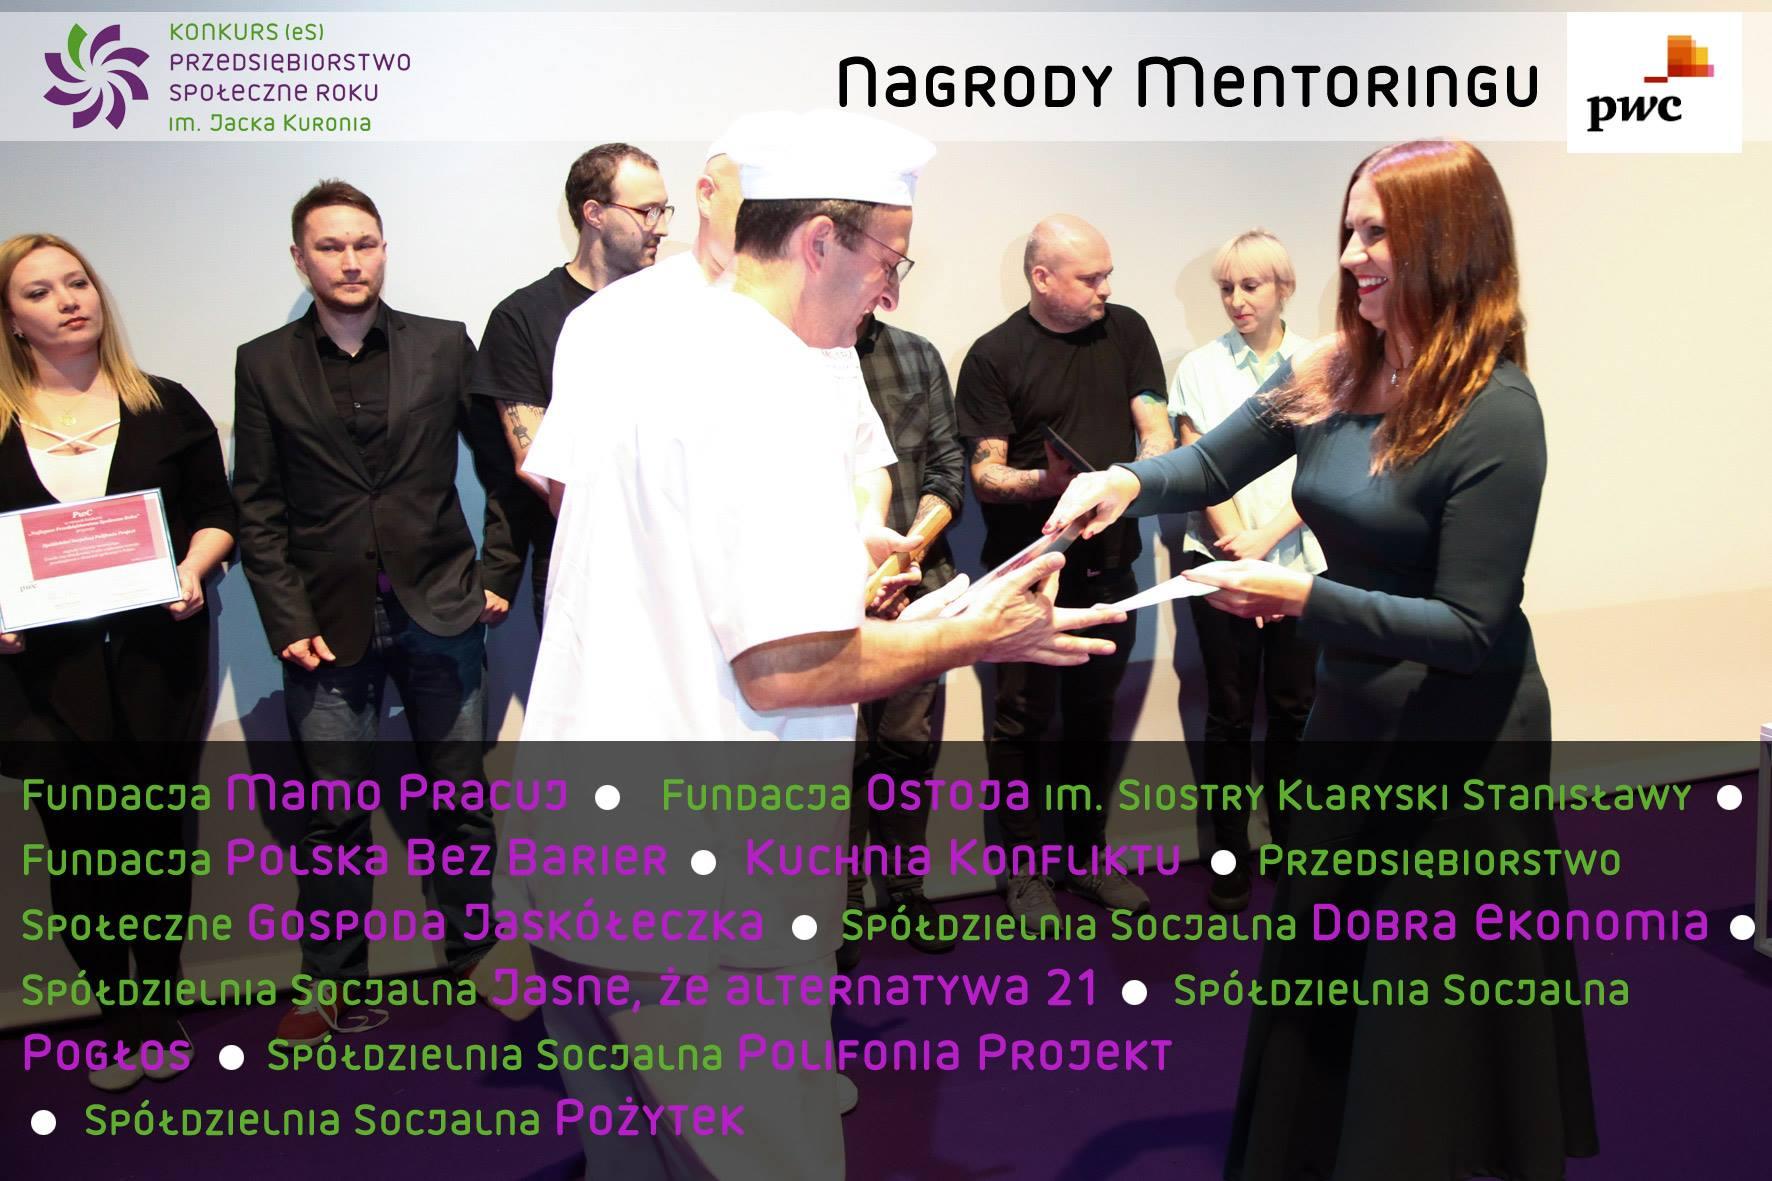 Nagrody Mentoringu PwC dla spółdzielni socjalnych, fot. FISE